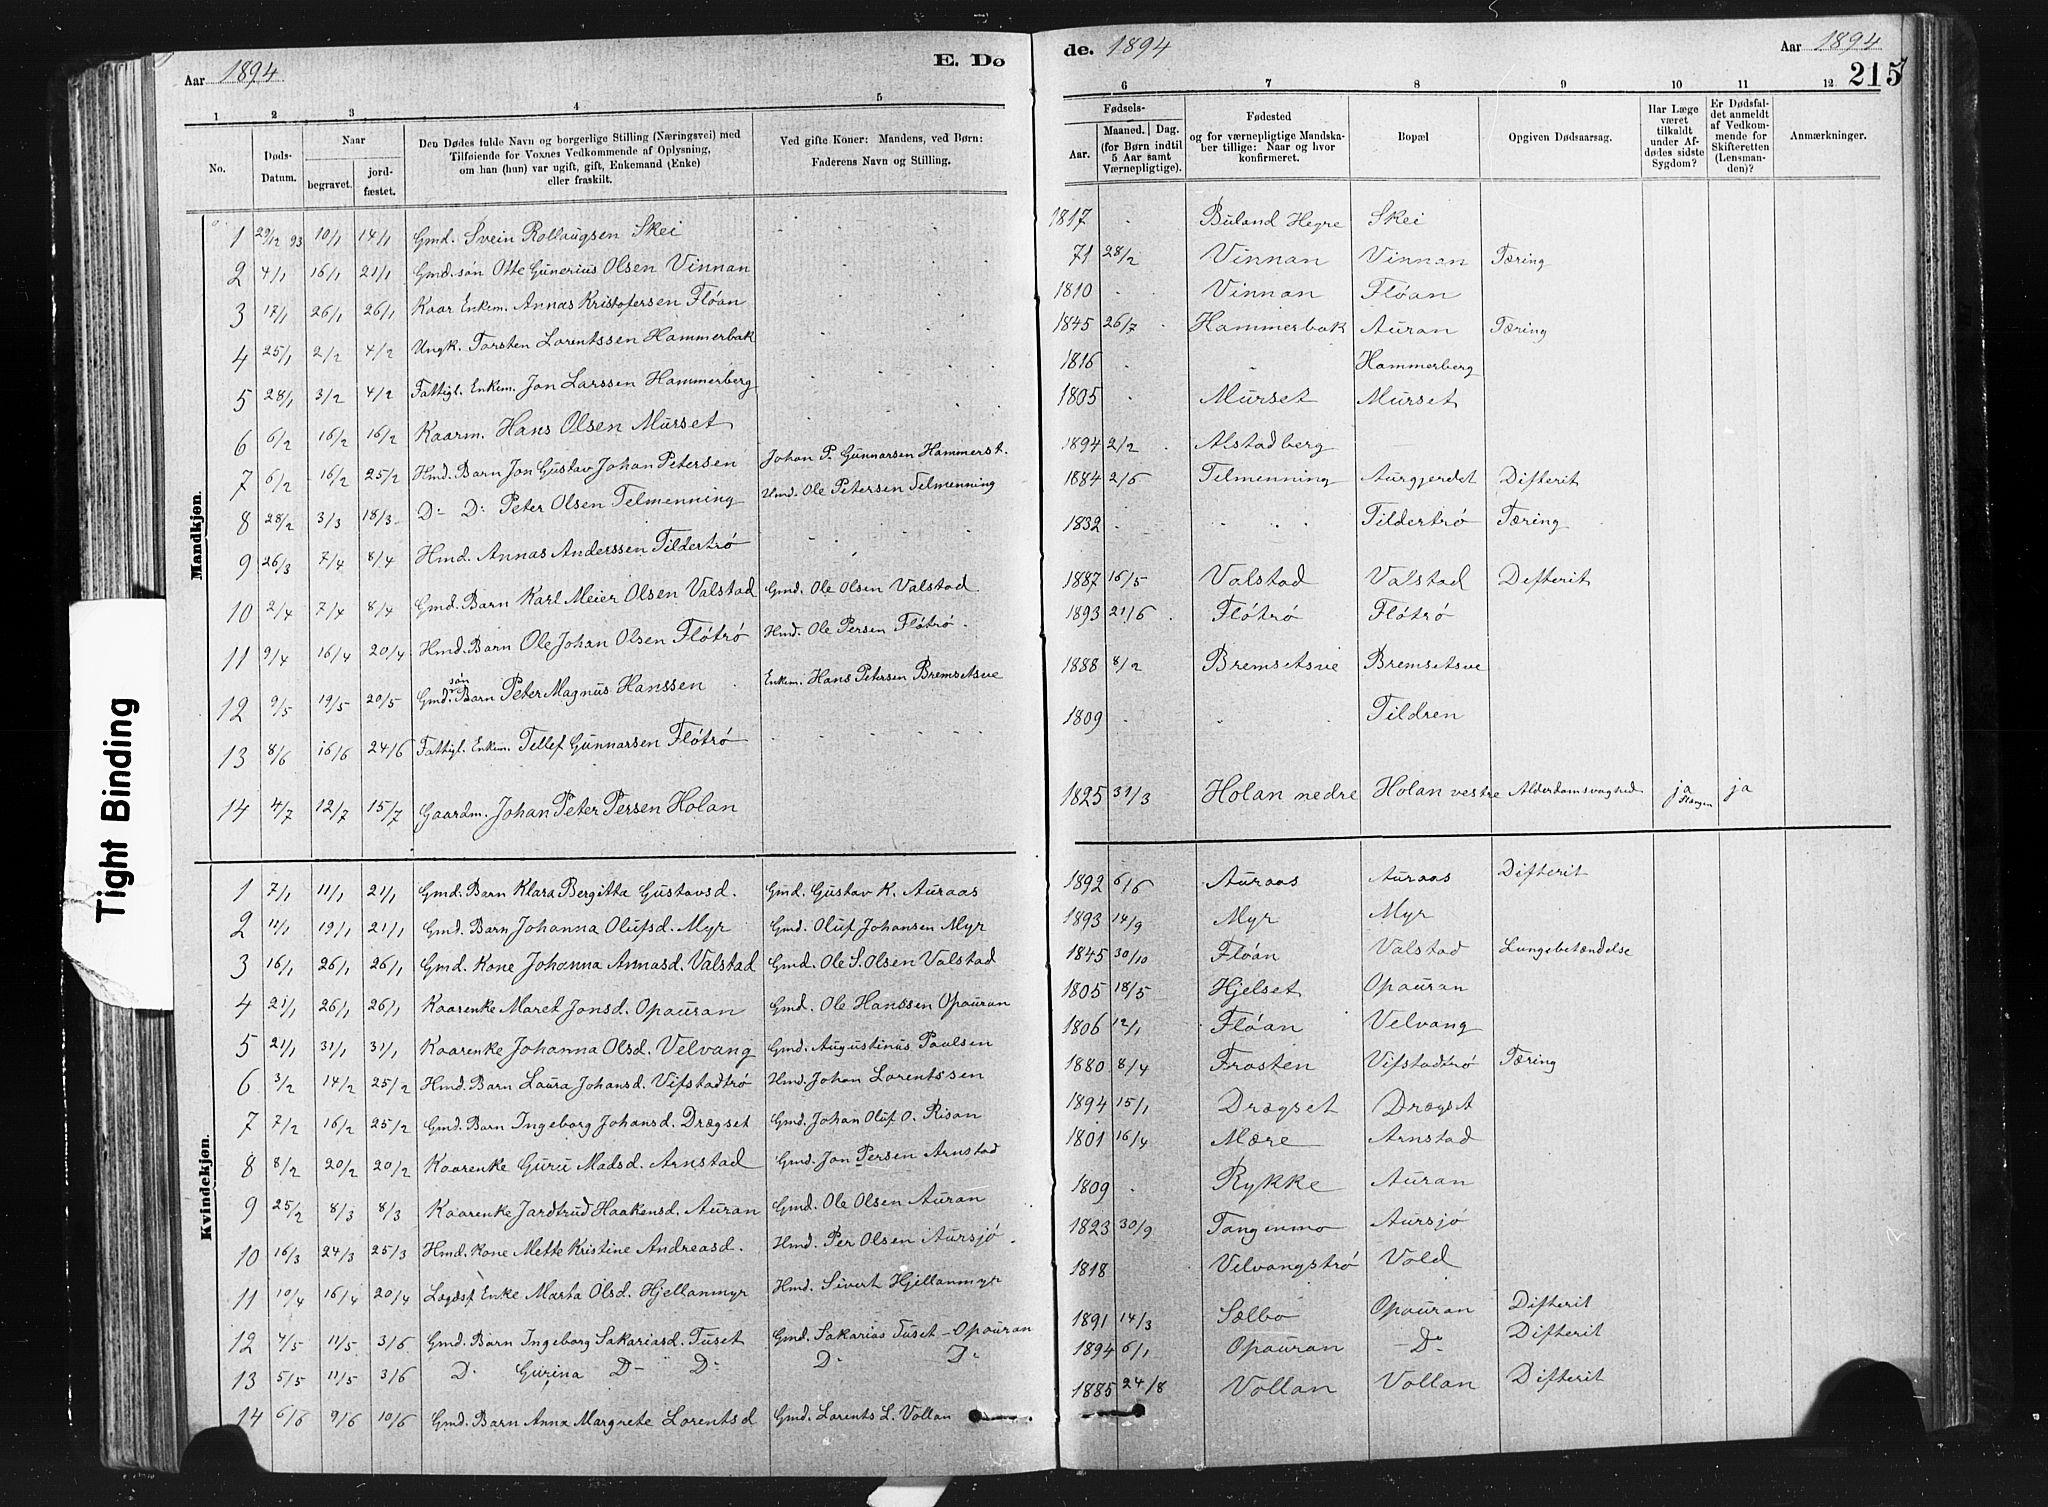 SAT, Ministerialprotokoller, klokkerbøker og fødselsregistre - Nord-Trøndelag, 712/L0103: Klokkerbok nr. 712C01, 1878-1917, s. 215